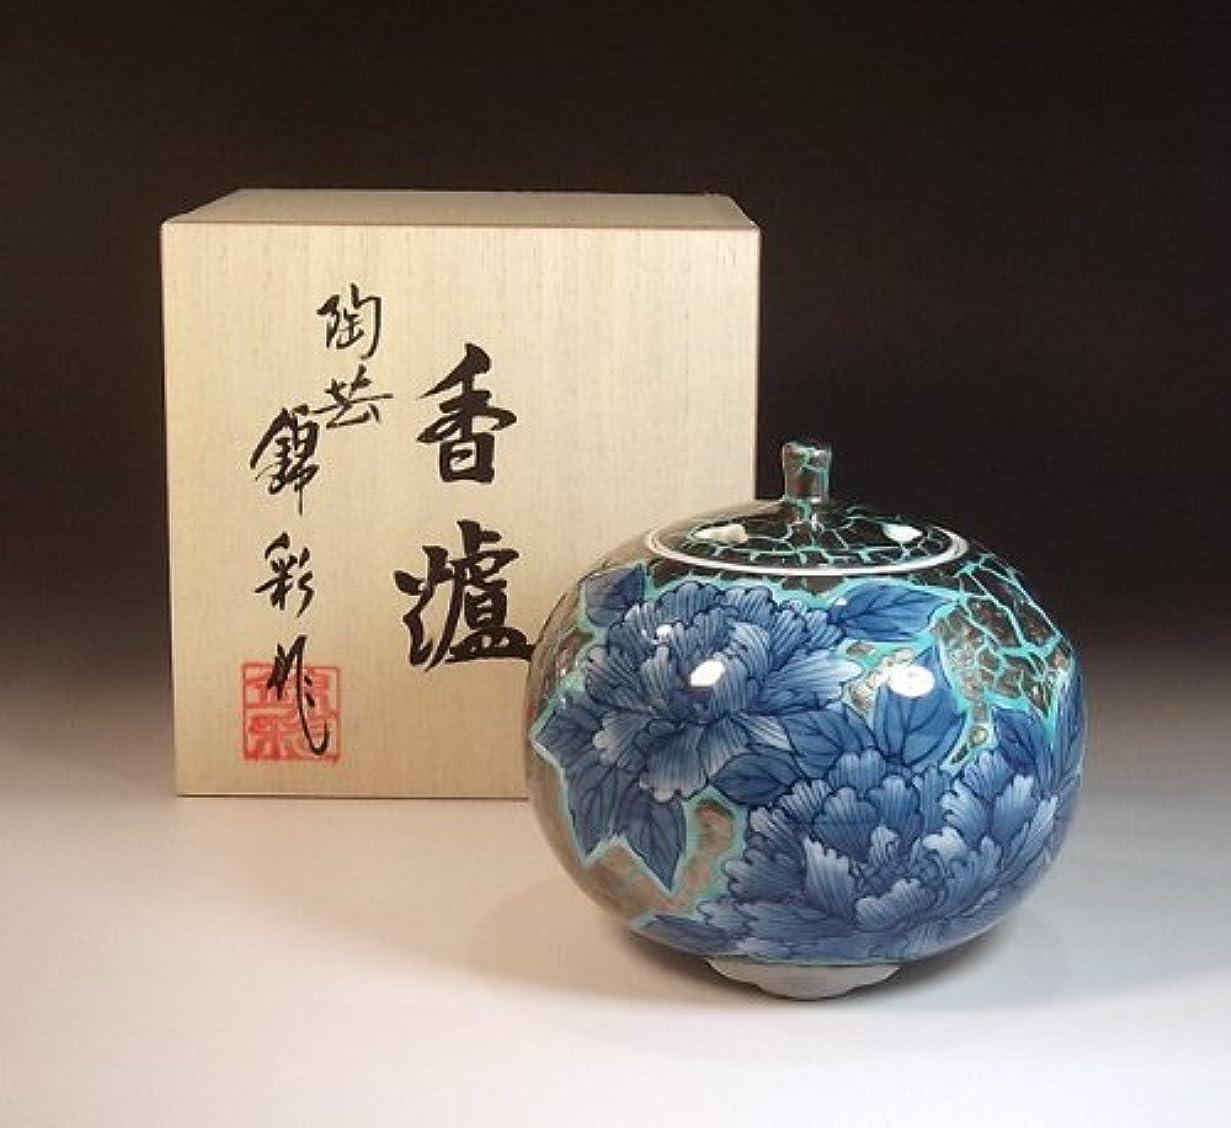 珍しい自己ダニ有田焼?伊万里焼の高級香炉陶器|贈答品|ギフト|記念品|贈り物|プラチナ?陶芸家 藤井錦彩